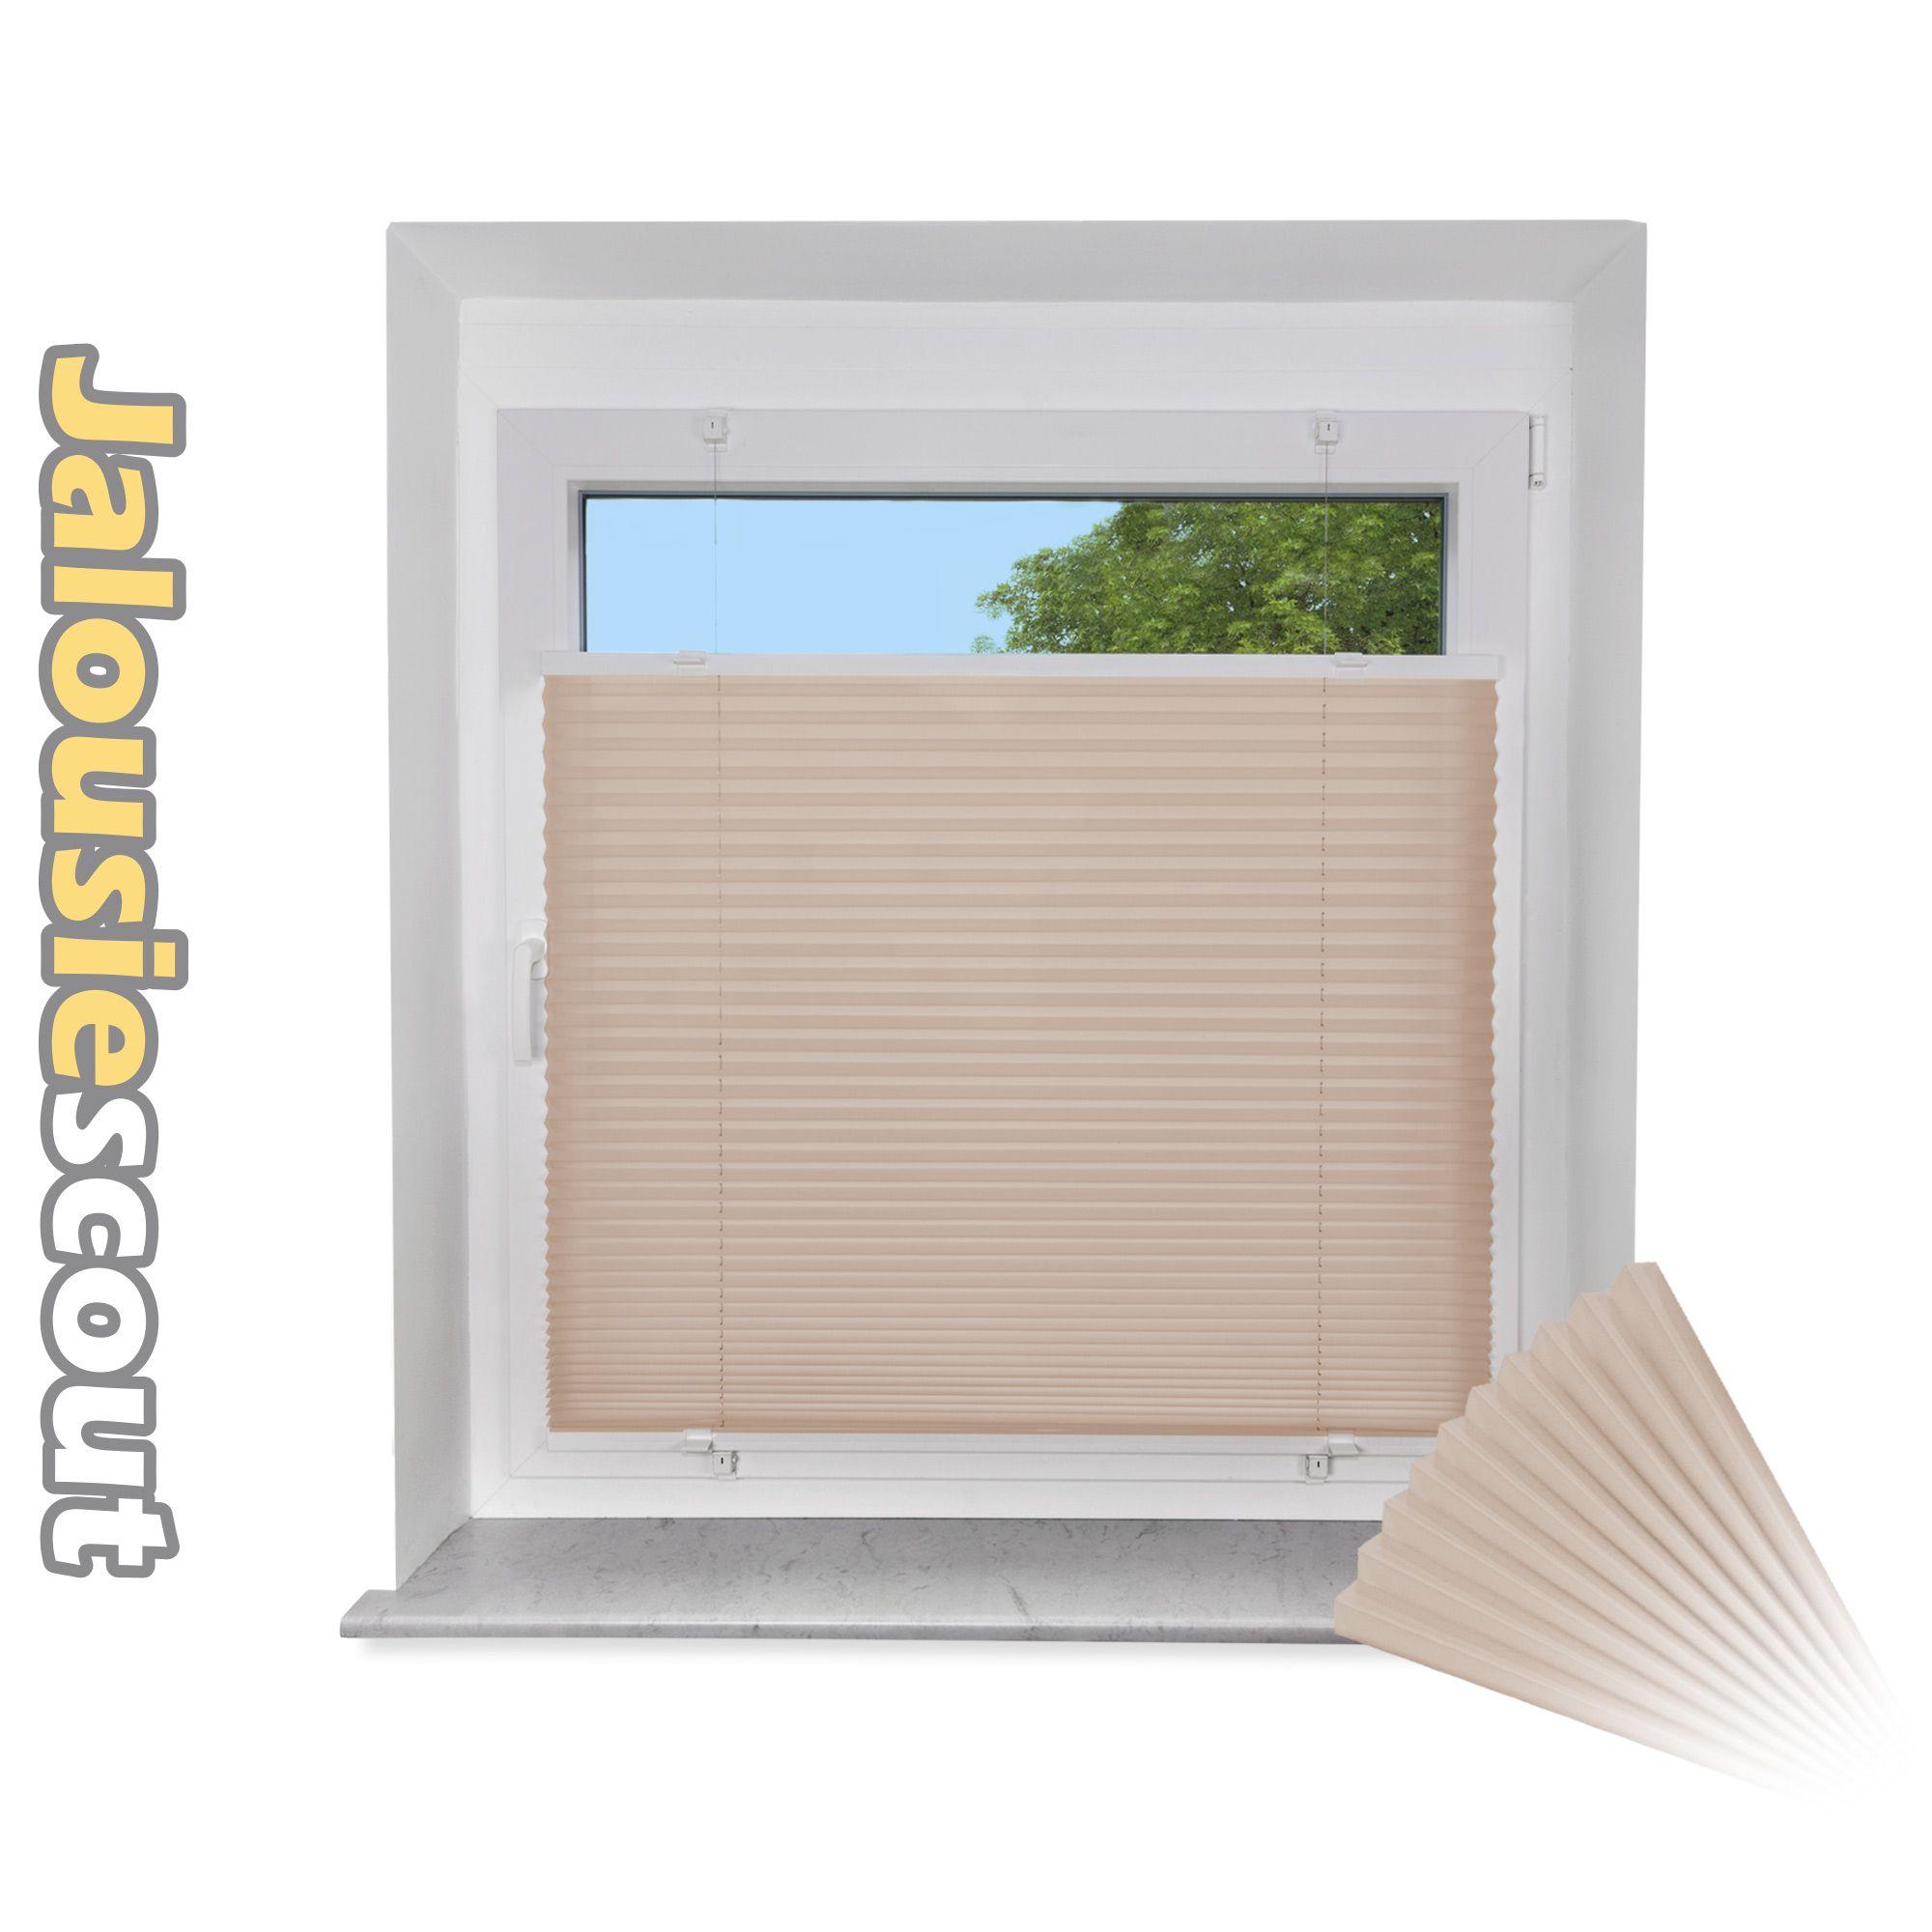 Einzigartig Klemmfix Rollo Sammlung Von Plissee Für Fenster & Türe Faltrollo Sichtschutz